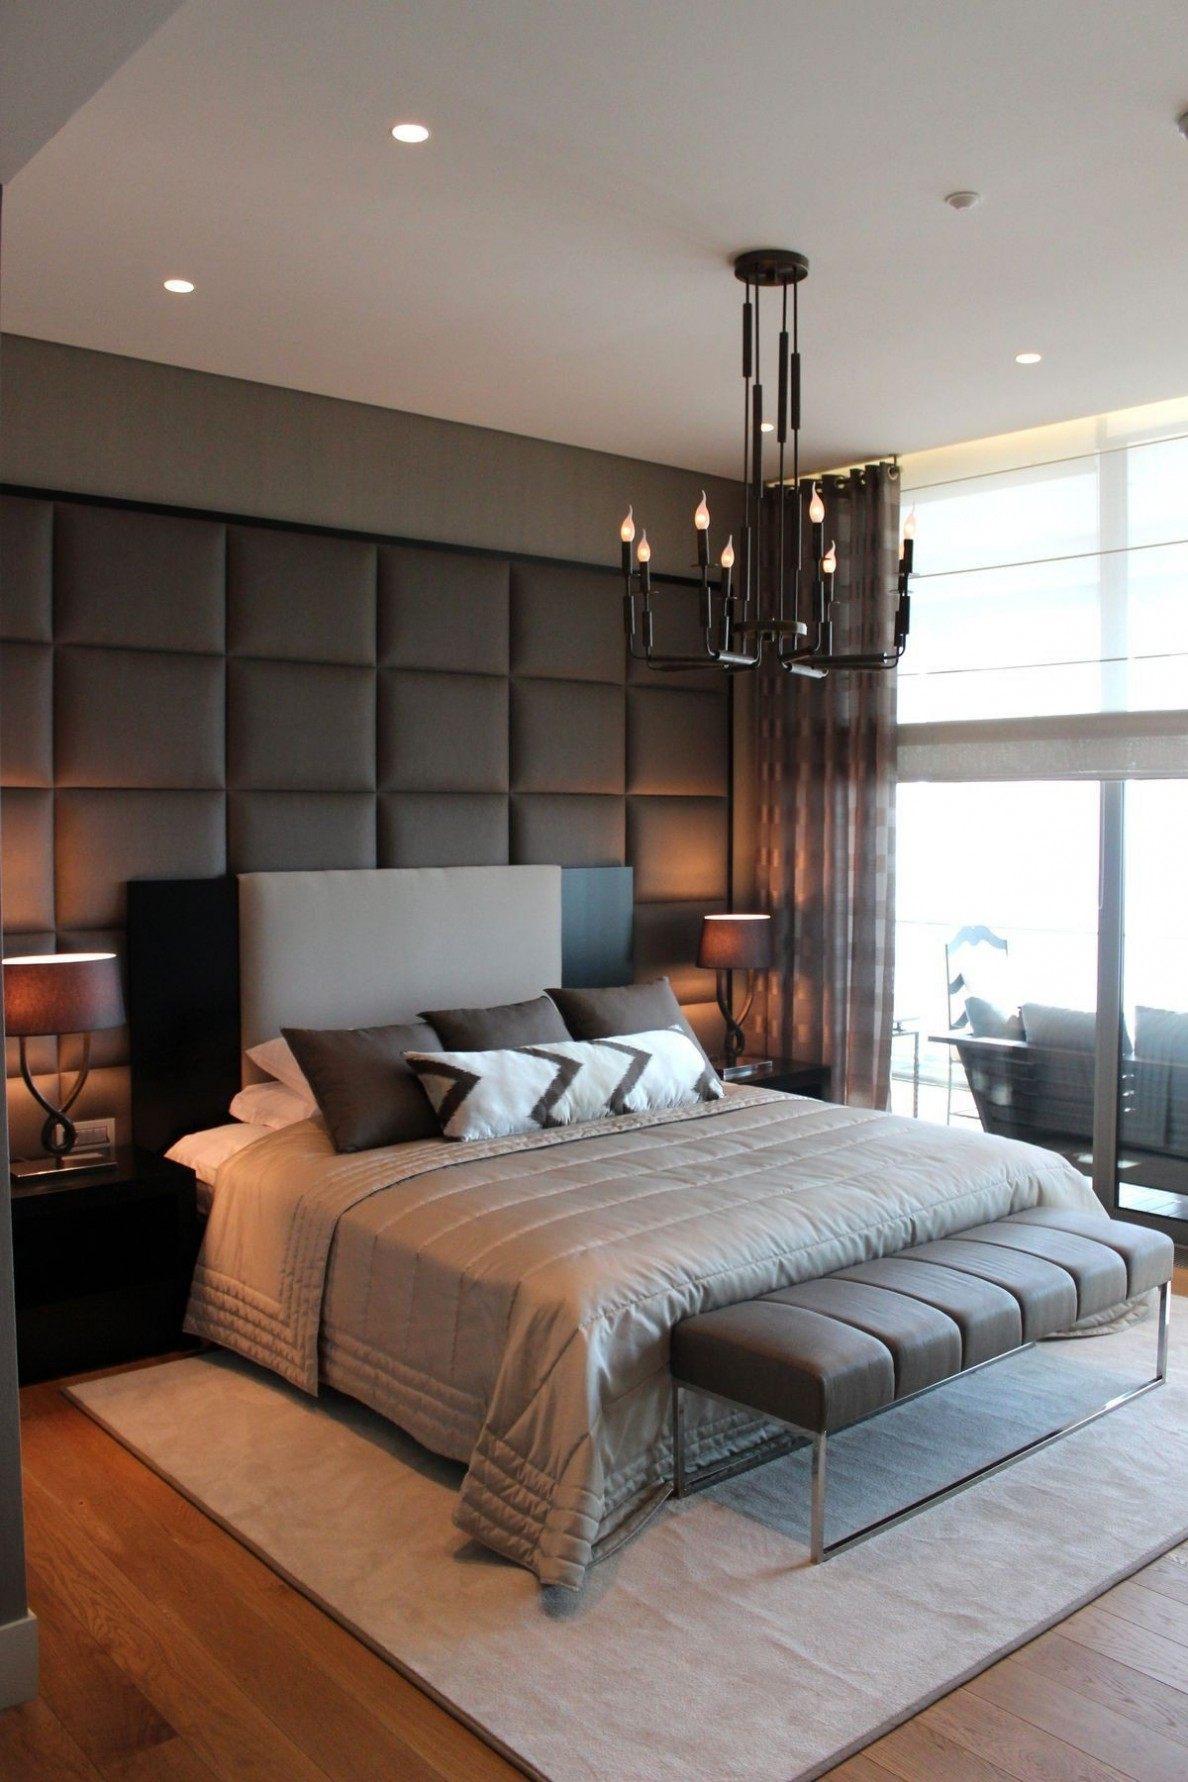 Comment Fixer Une Tete De Lit Magnifique Ment Placer son Lit Feng Shui Bureau Maison Feng Shui Un Bureau